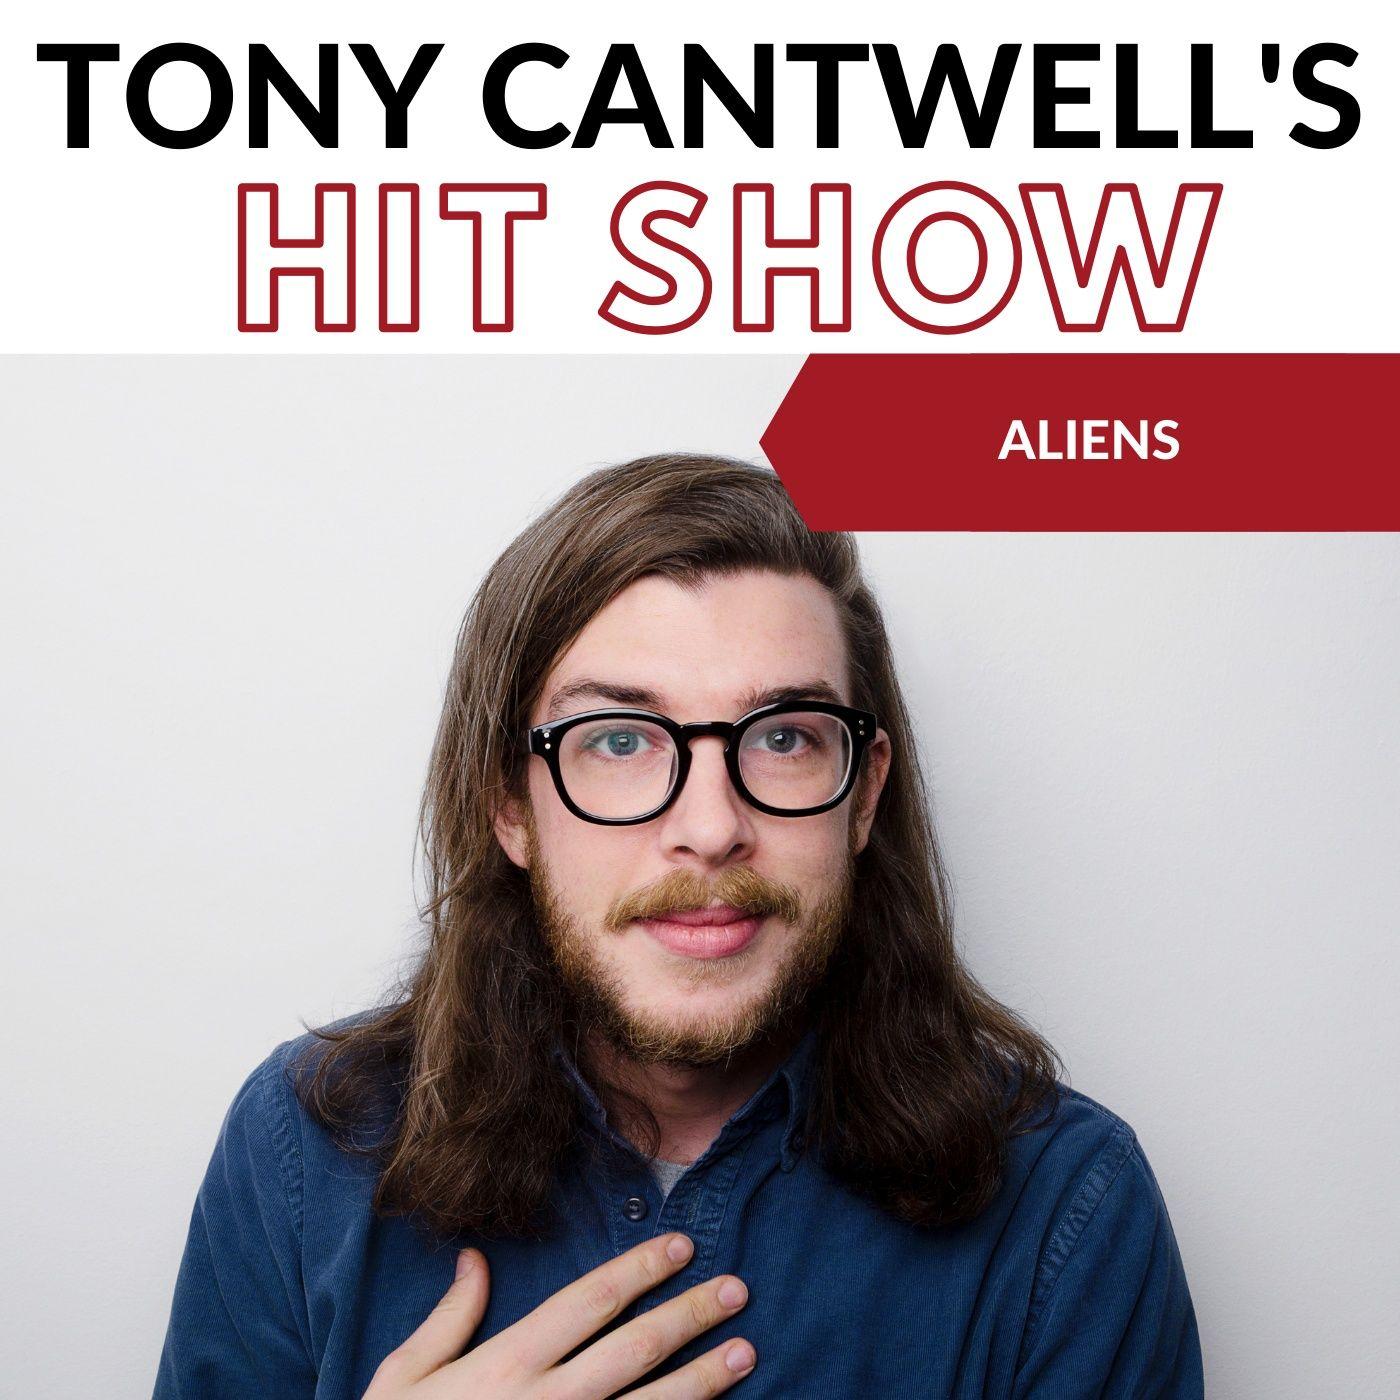 Episode 91 - Aliens